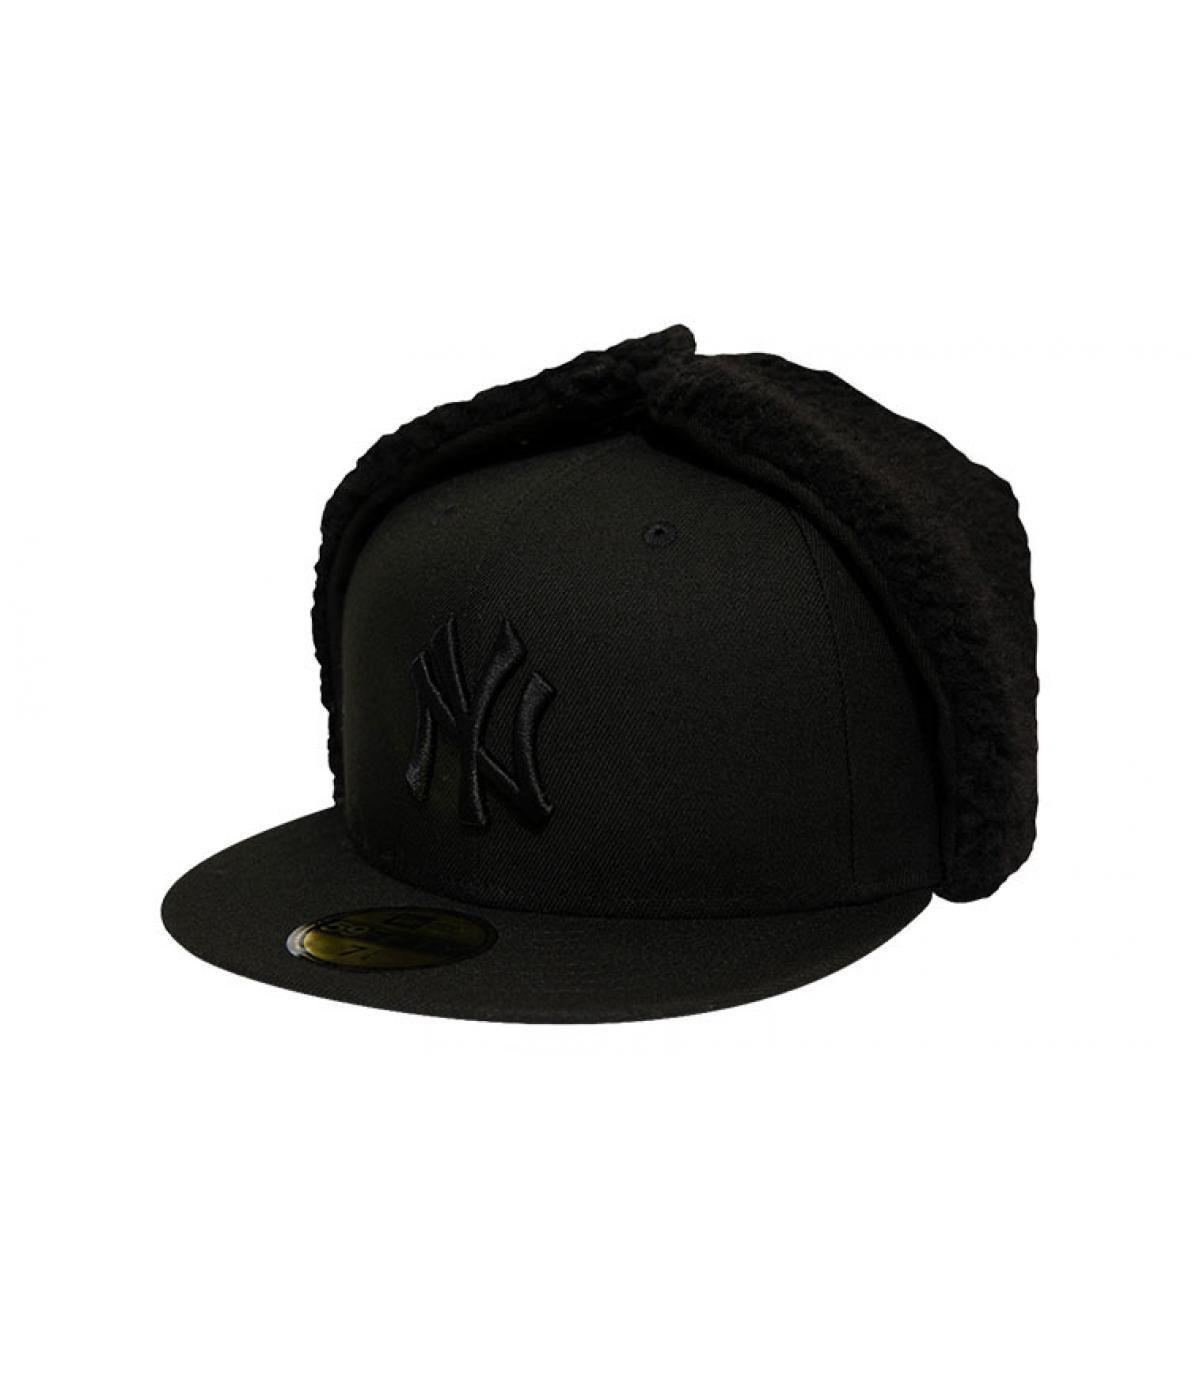 Détails Casquette League Ess Dogear NY 5950 black black - image 2